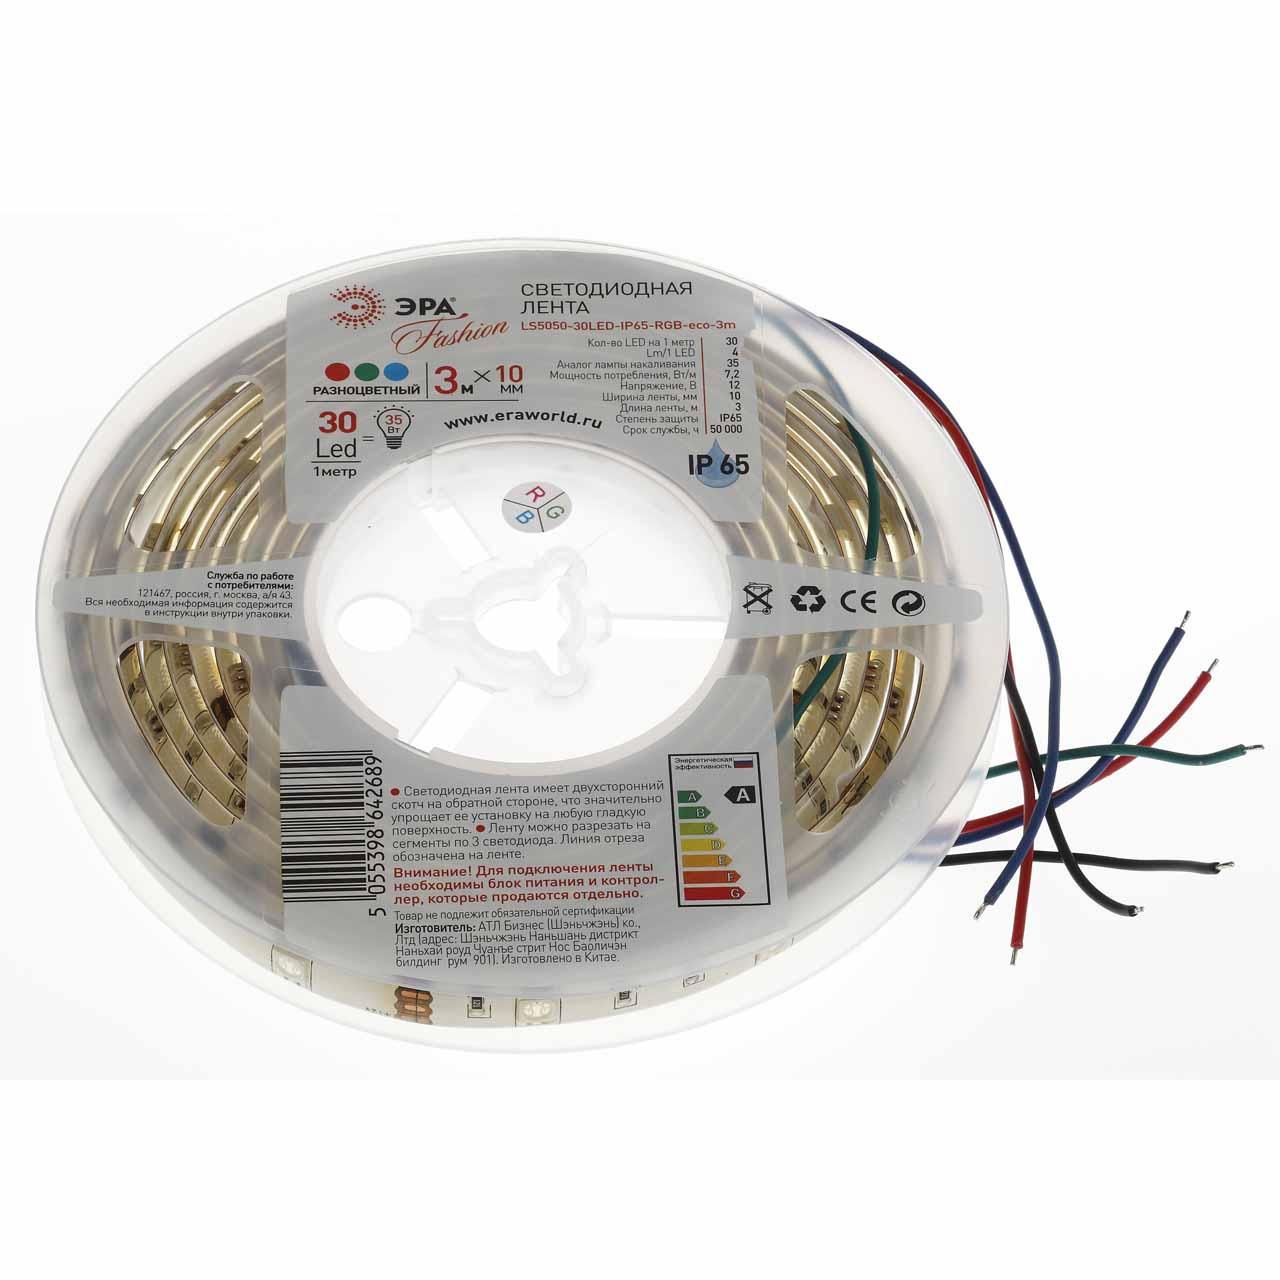 Светодиодная влагозащищенная лента ЭРА 7,2W/m 30LED/m 5050SMD RGB 3M LS5050-30LED-IP65-RGB-eco-3m стоимость